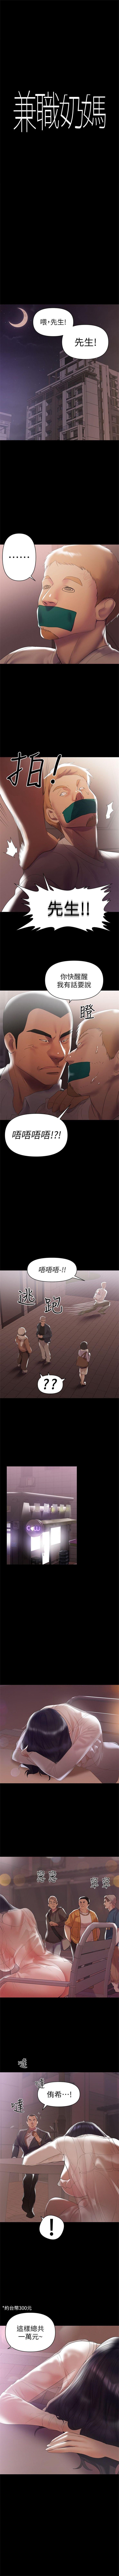 (週6)兼職奶媽 1-31 中文翻譯 (更新中) 37